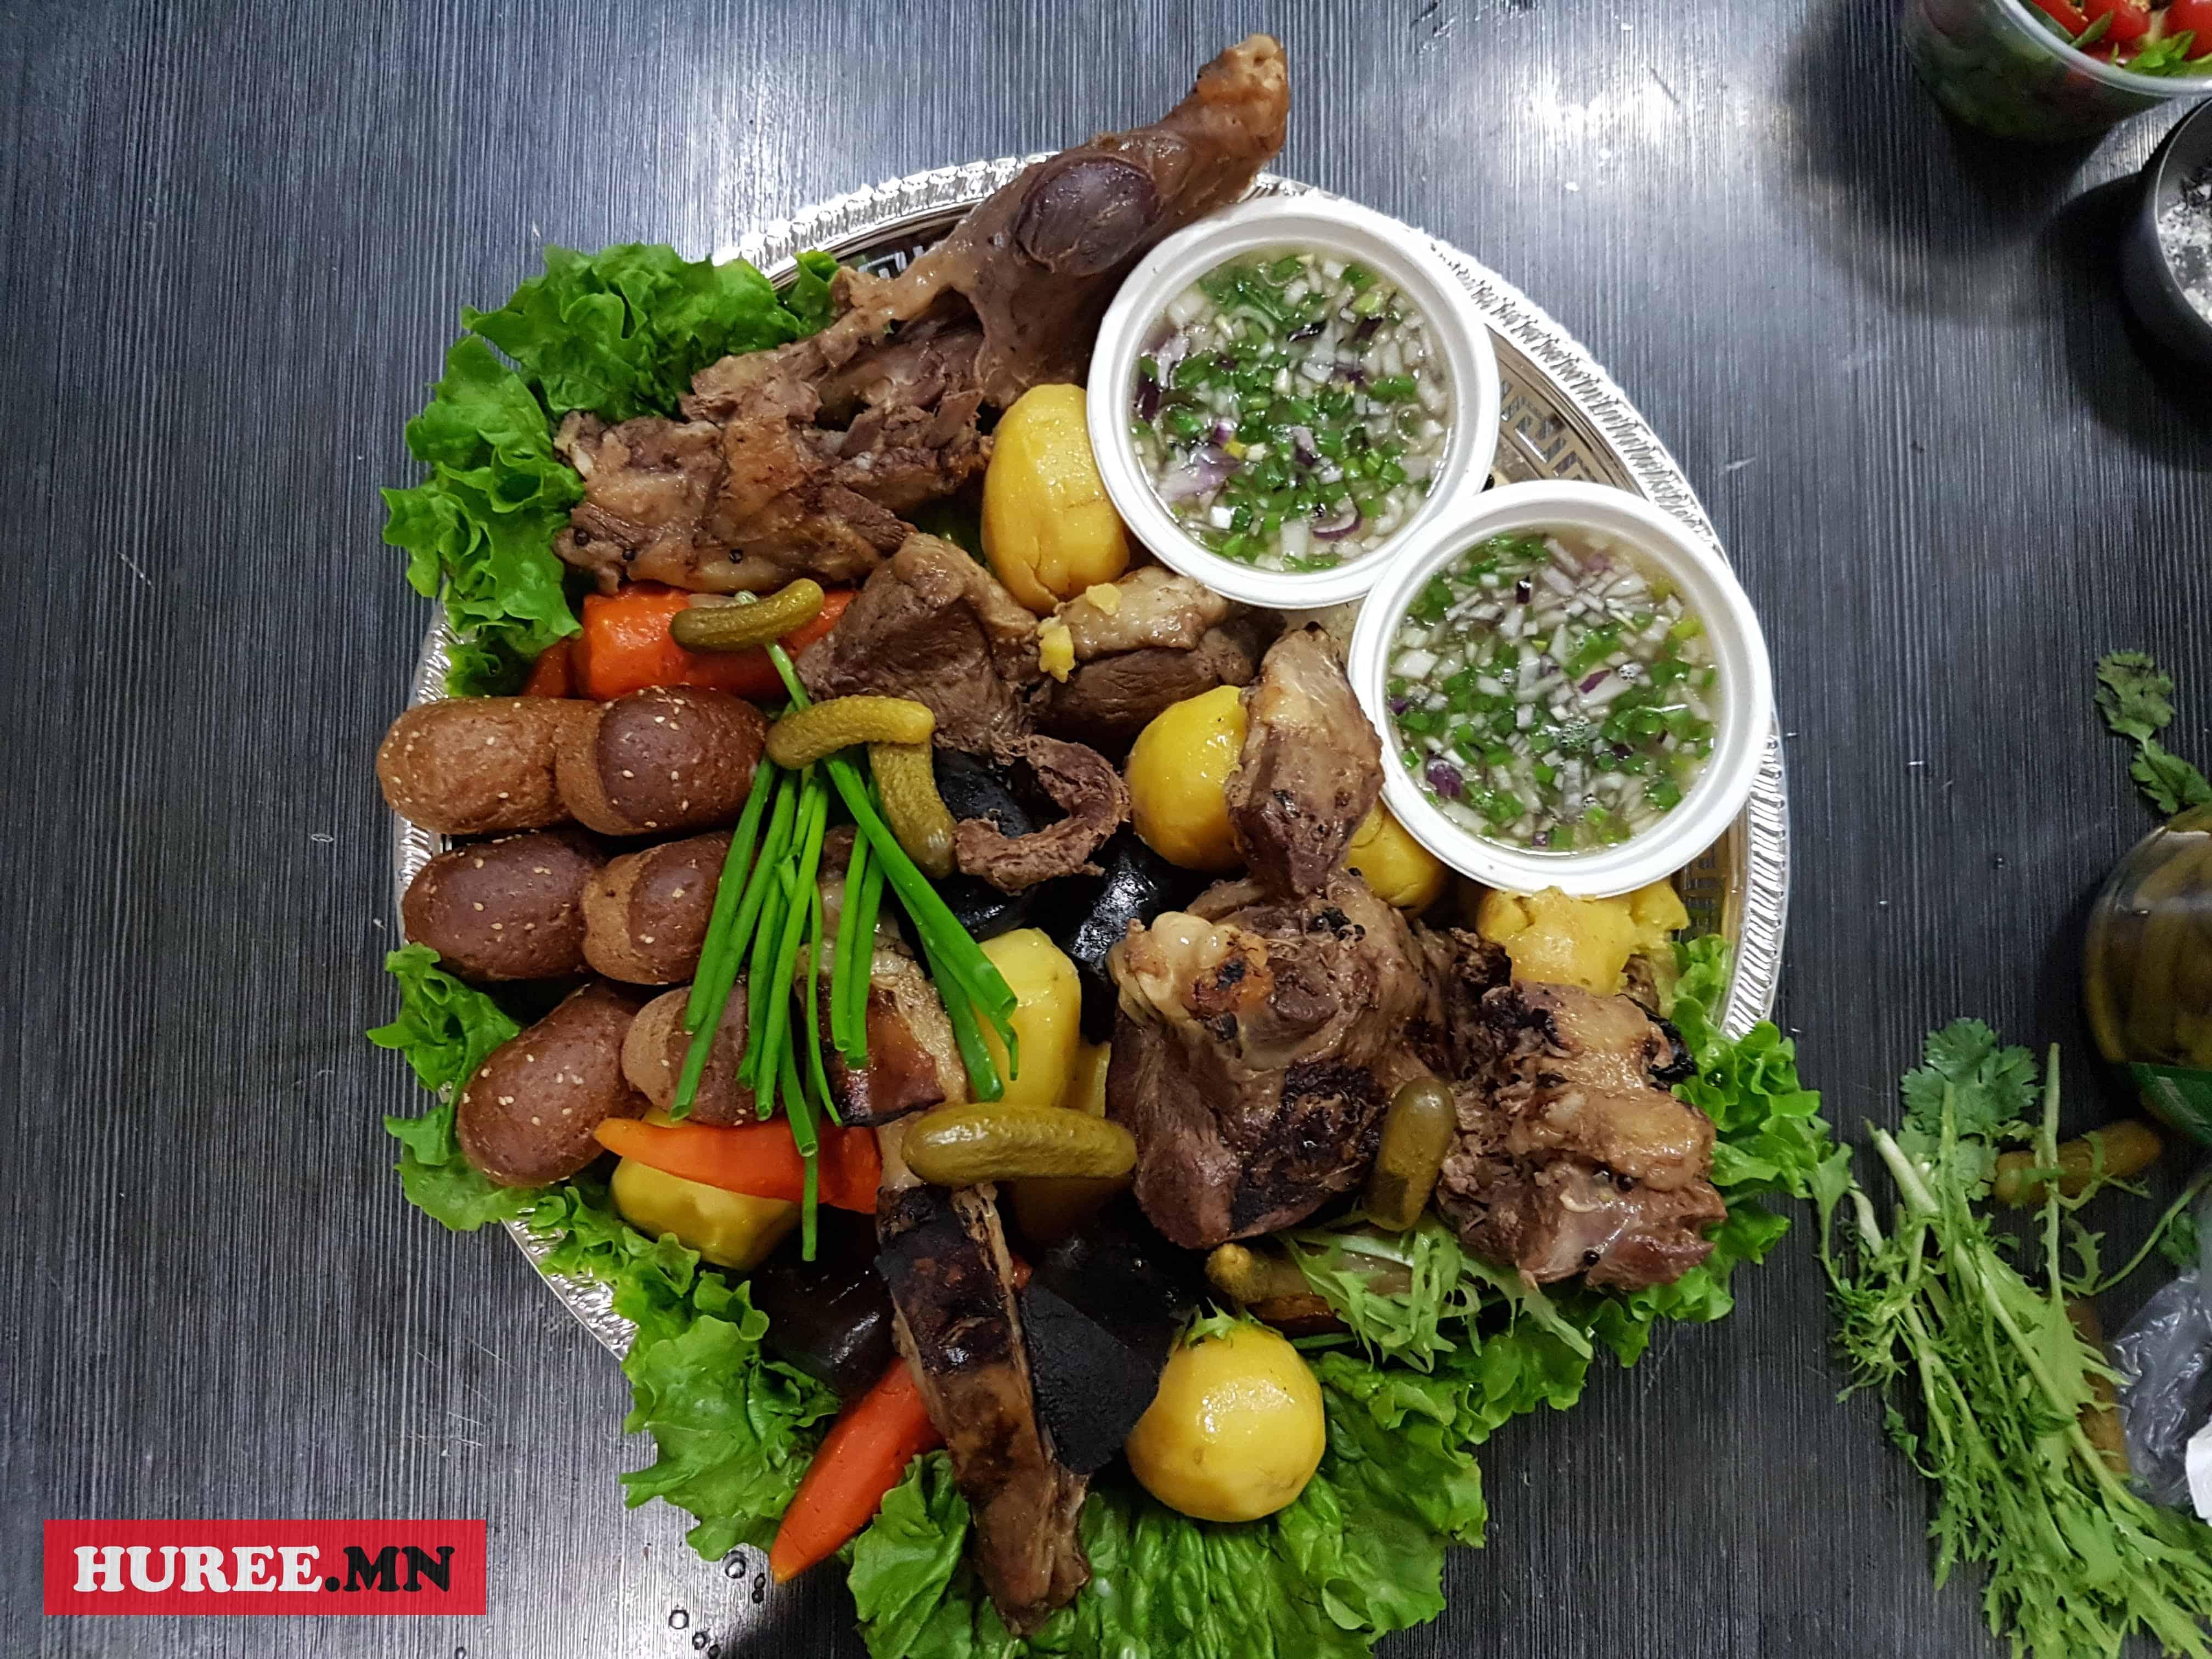 Буурч монгол зоог